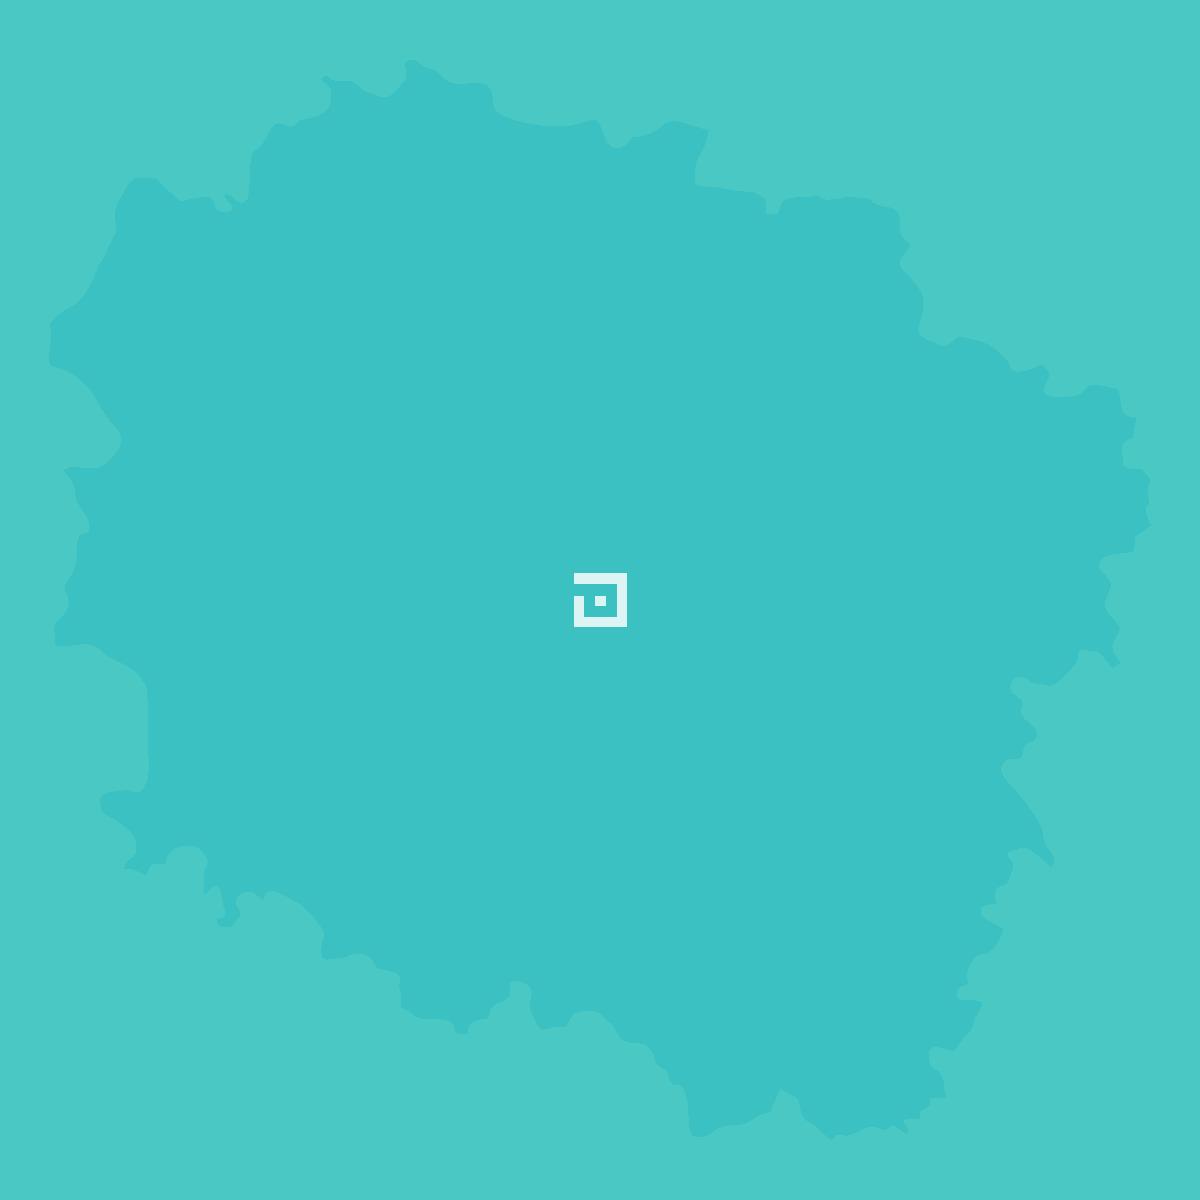 Pompy ciepła kujawsko-pomorskie - mapa